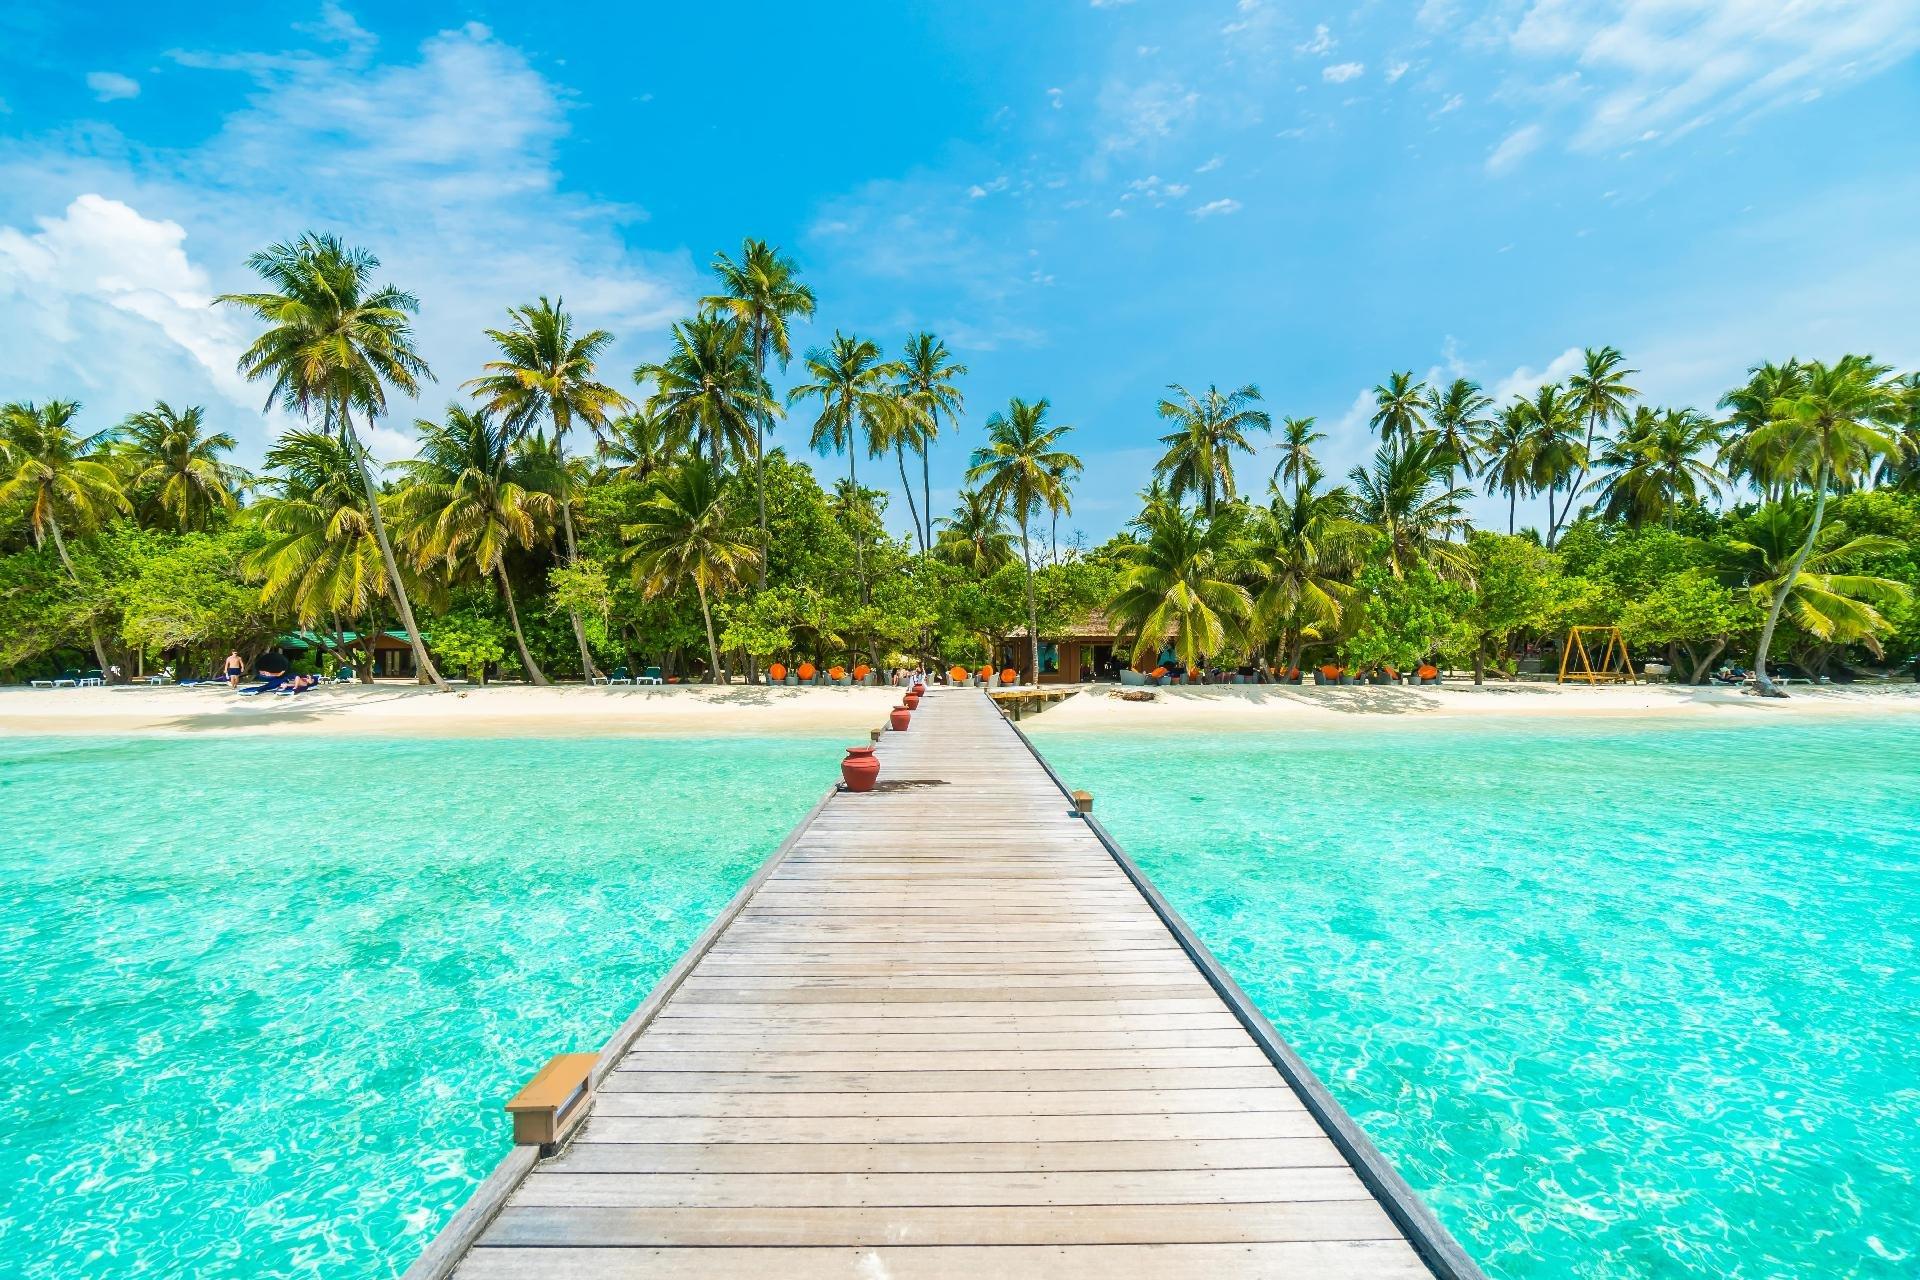 cual-es-el-mejor-destino-turistico-del-caribe-min.jpg